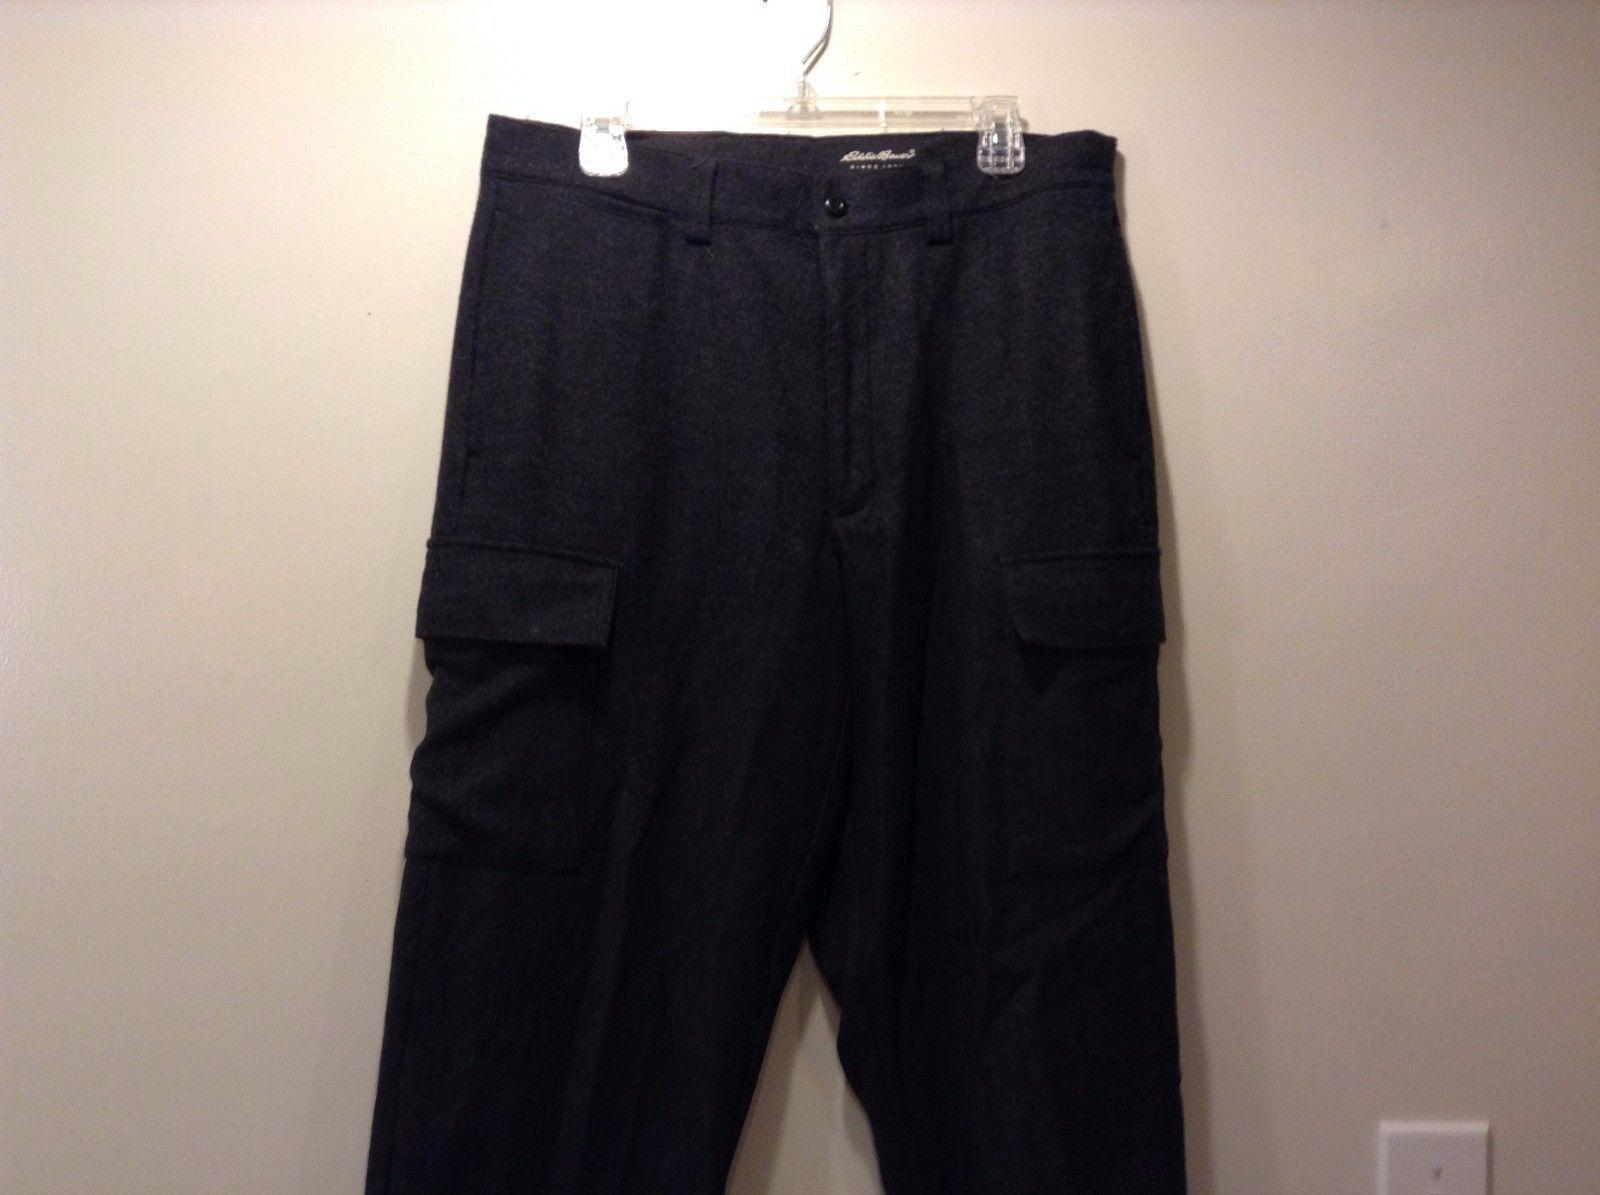 Eddie Bauer Dark Gray Lounge Pants Sz 34